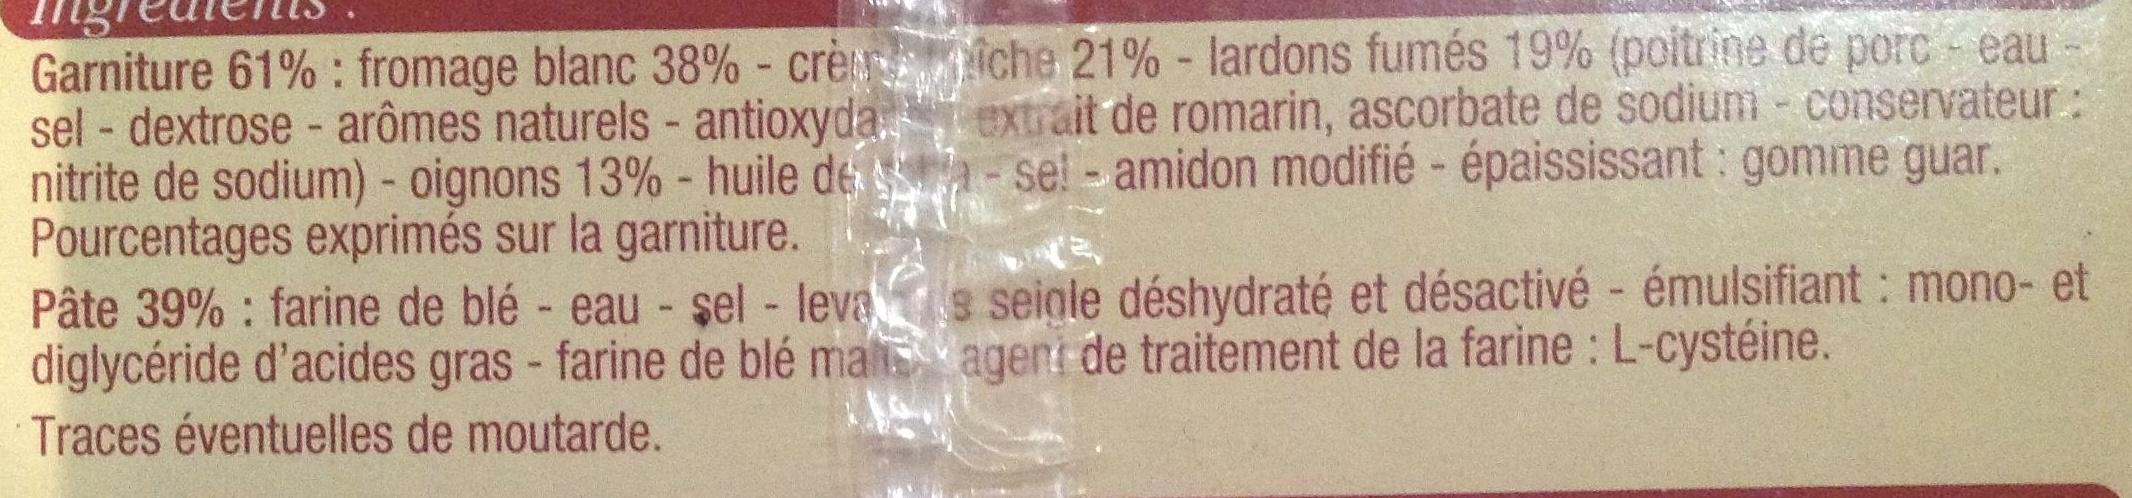 Tarte flambee alsacienne - Ingrédients